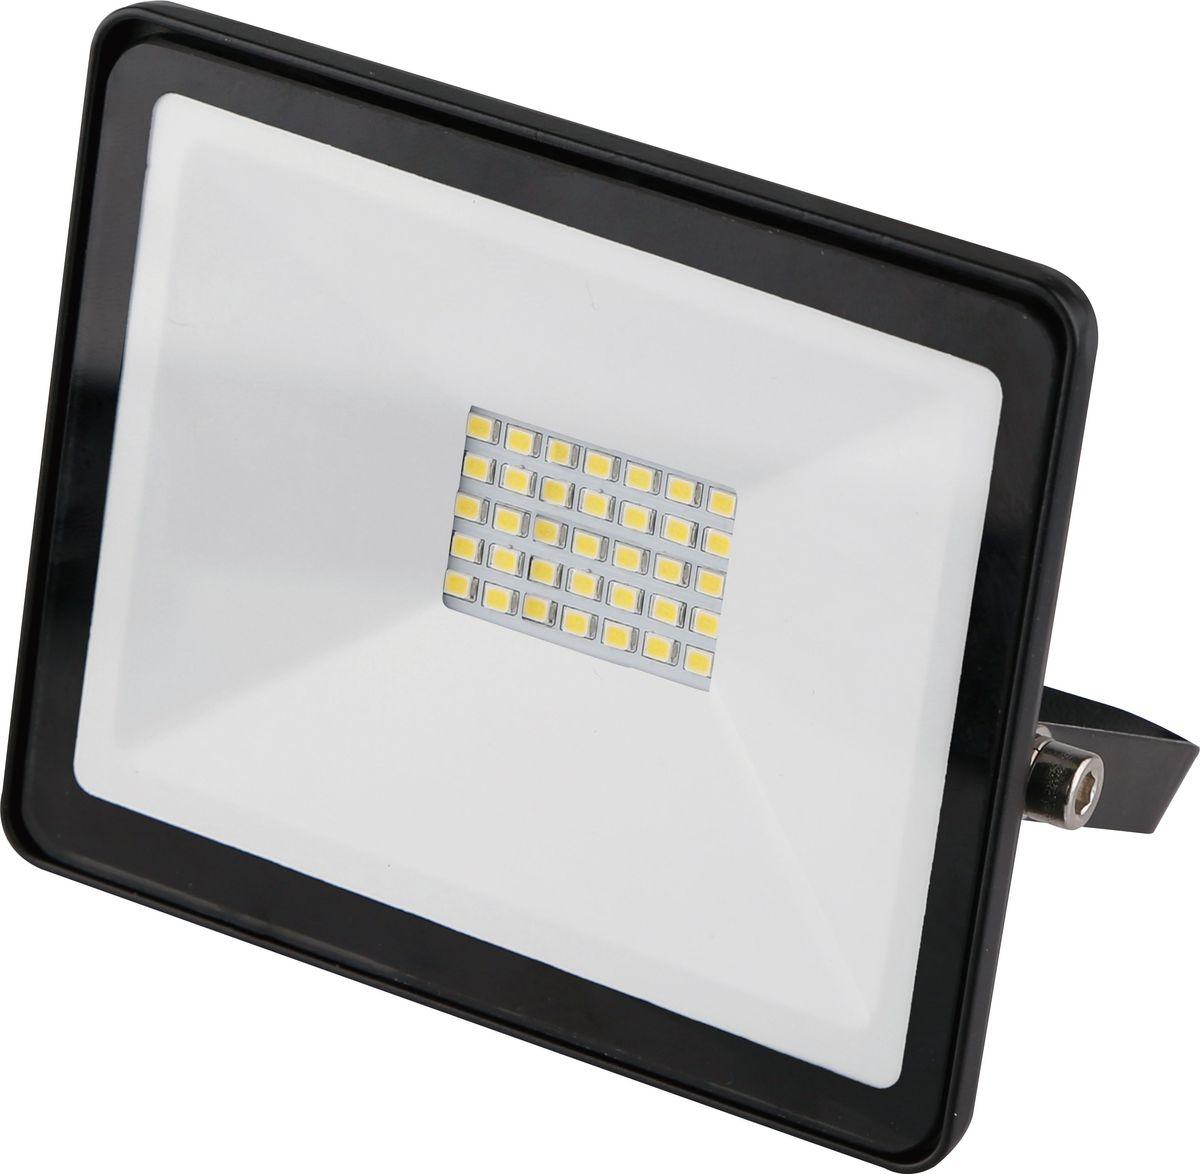 Прожектор светодиодный REV Ultra Slim, 30 W, 6500 К. 32302 032302 0Светодиодный супертонкий прожектор. Предназначен для освещения большого пространства или подсветки объектов и сооружений различного назначения. Корпус прожектора выполнен из металла. В качестве рассеивателя используется ударопрочное прозрачной стекло. Светоотражатель - алюминиевая фольга. Конструкция и применяемые при изготовлении материалы обеспечивают высокую механическую прочность и защиту от пыли и влаги по классу IP65.Потребляемая мощность 30Вт. Эффективность >80Лм/Вт. Прожектор крепится к монтажной поверхности стальной опорной скобой, которая обеспечивает простой монтаж и степень свободы при направлении корпуса изделия.